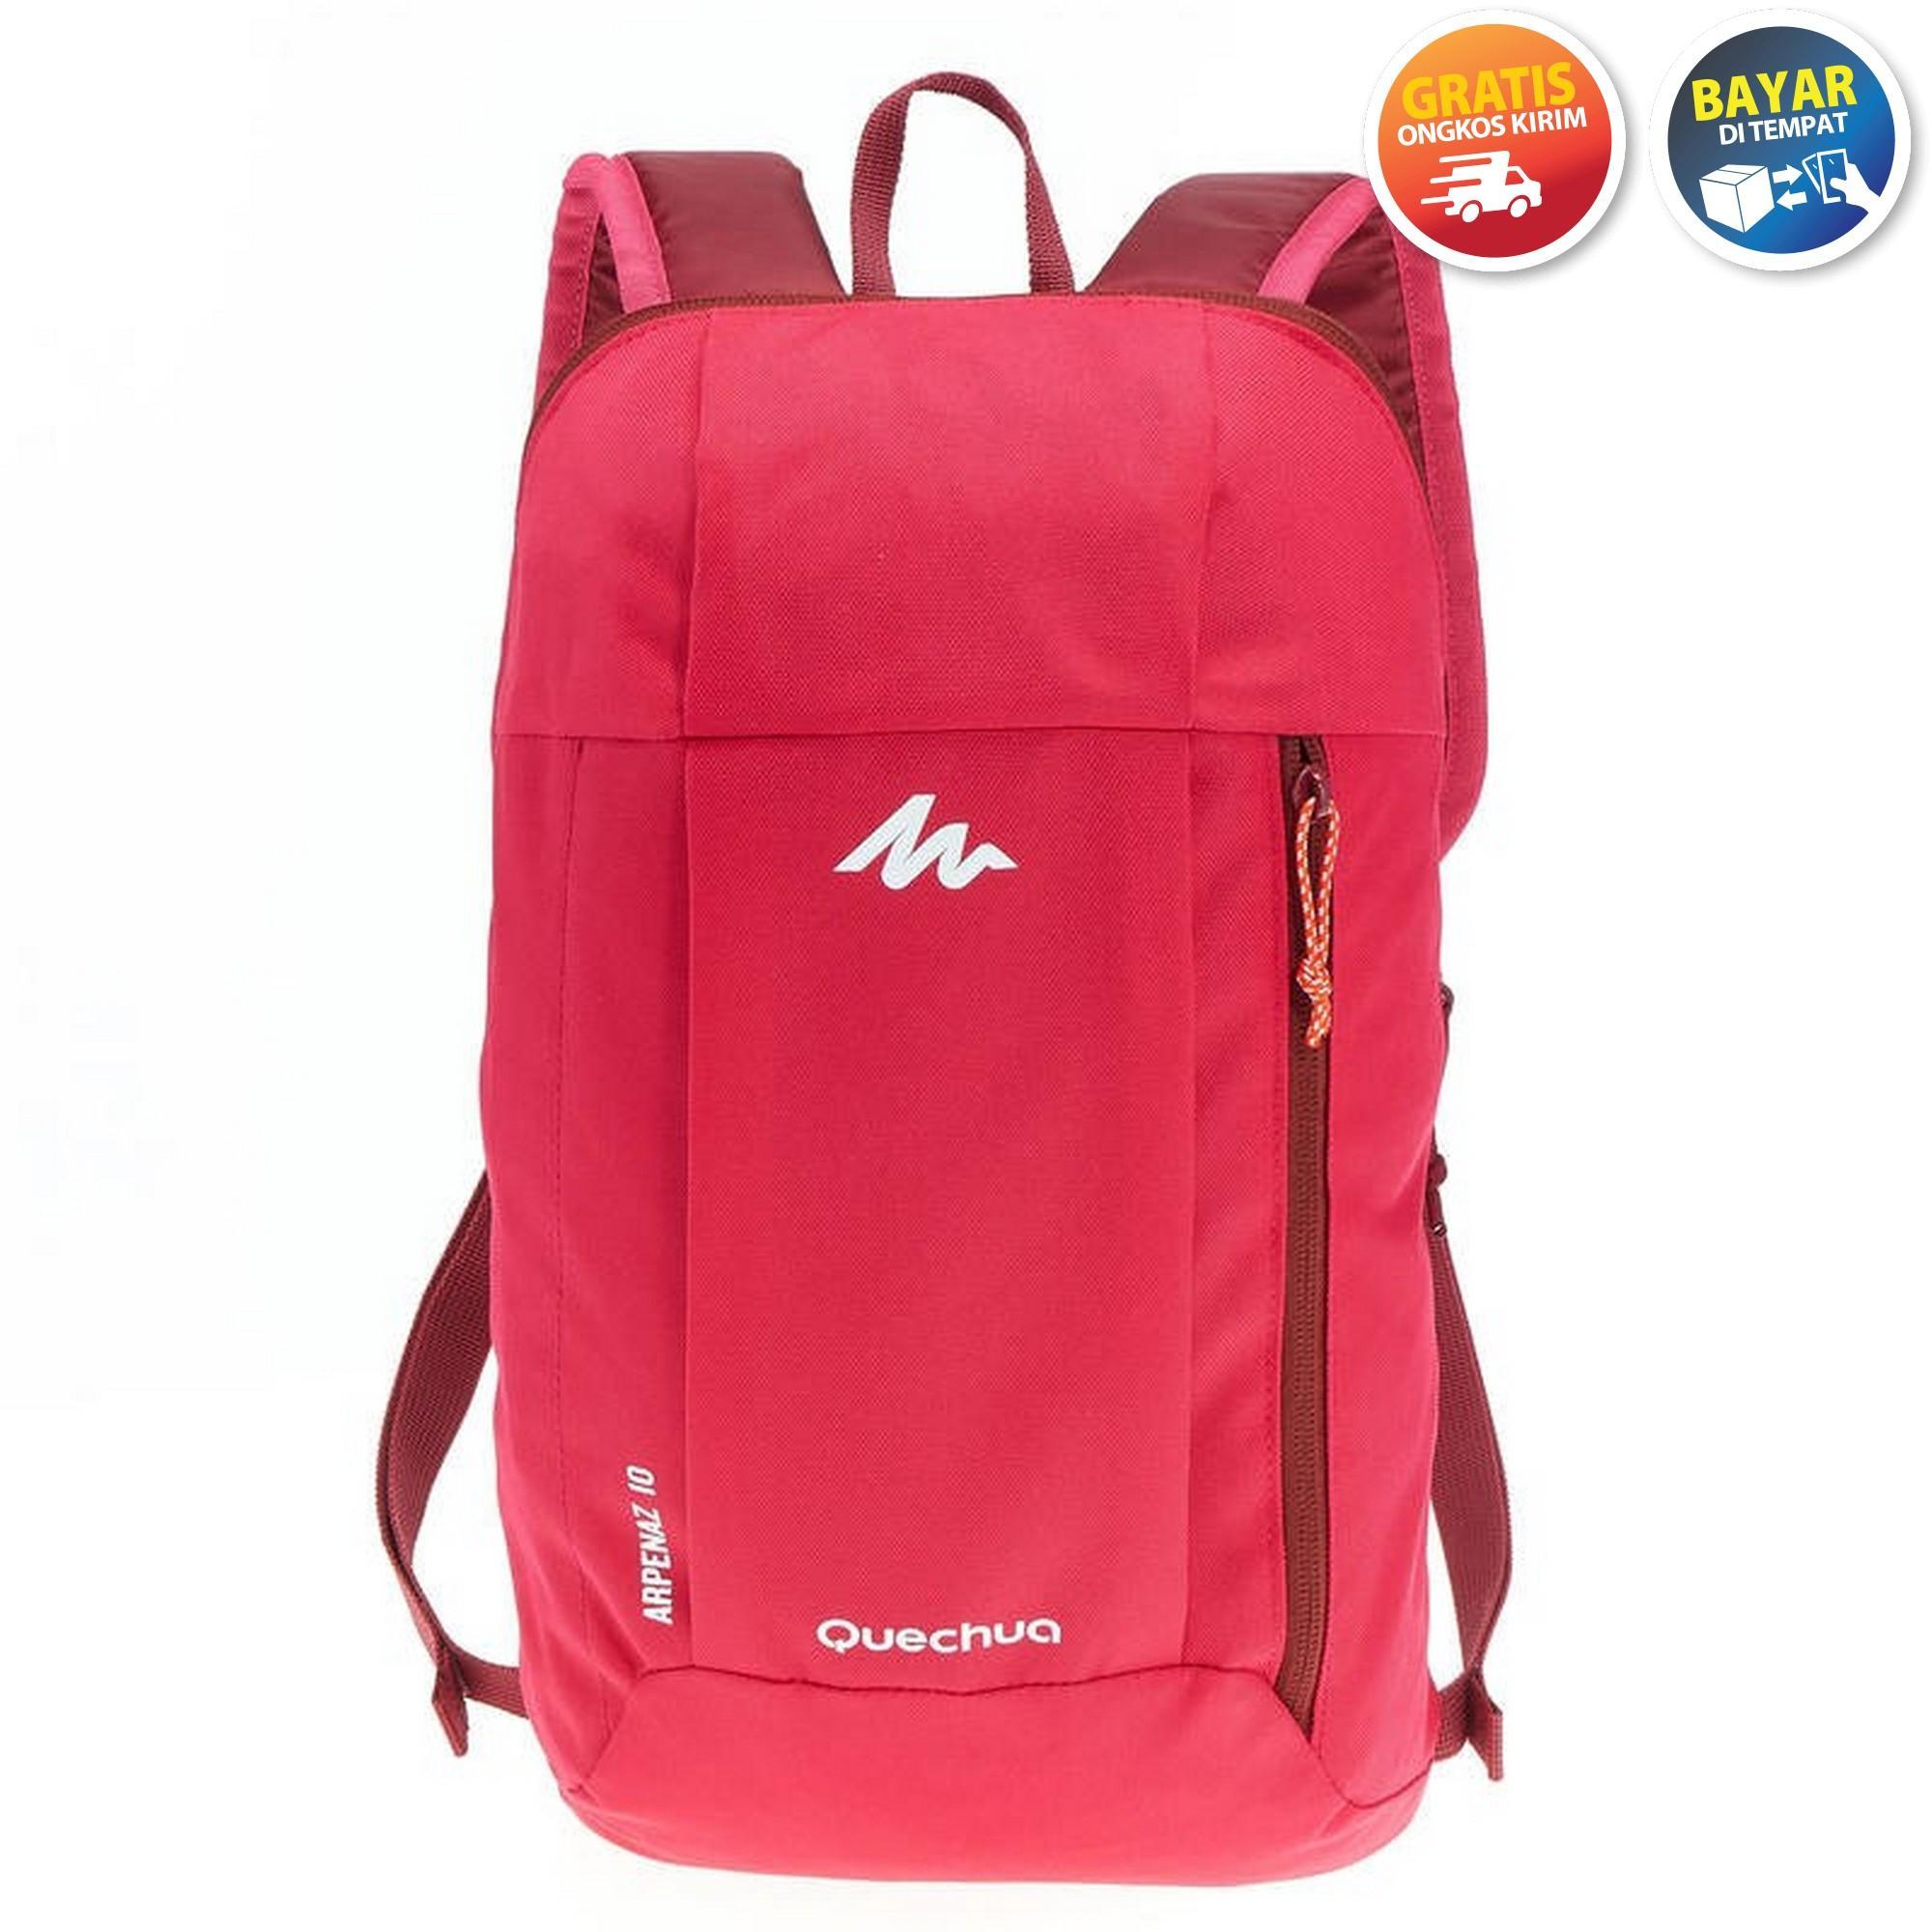 Original Branded Unisex Multipurpose Backpack MSR214   Tas Ransel Kecil  Harian Pria Wanita Dewasa Anak Laki-Laki Perempuan   Rangsel Gendong  Punggung Travel ... d40da654f9